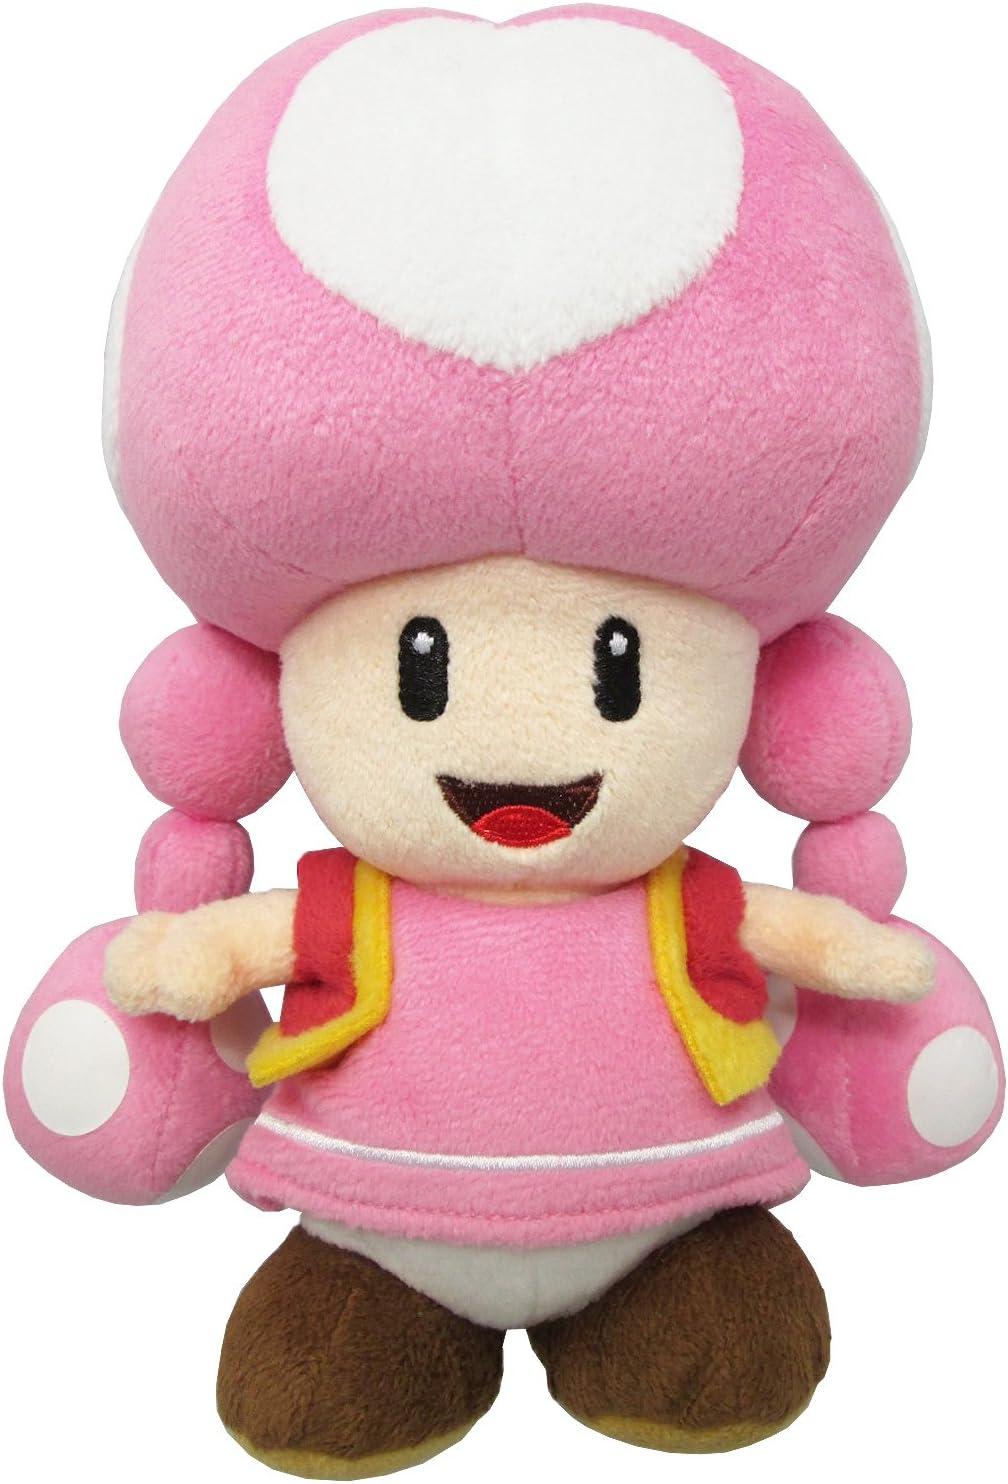 Amazon Com Sanei Super Mario All Star Collection Ac33 Toadette